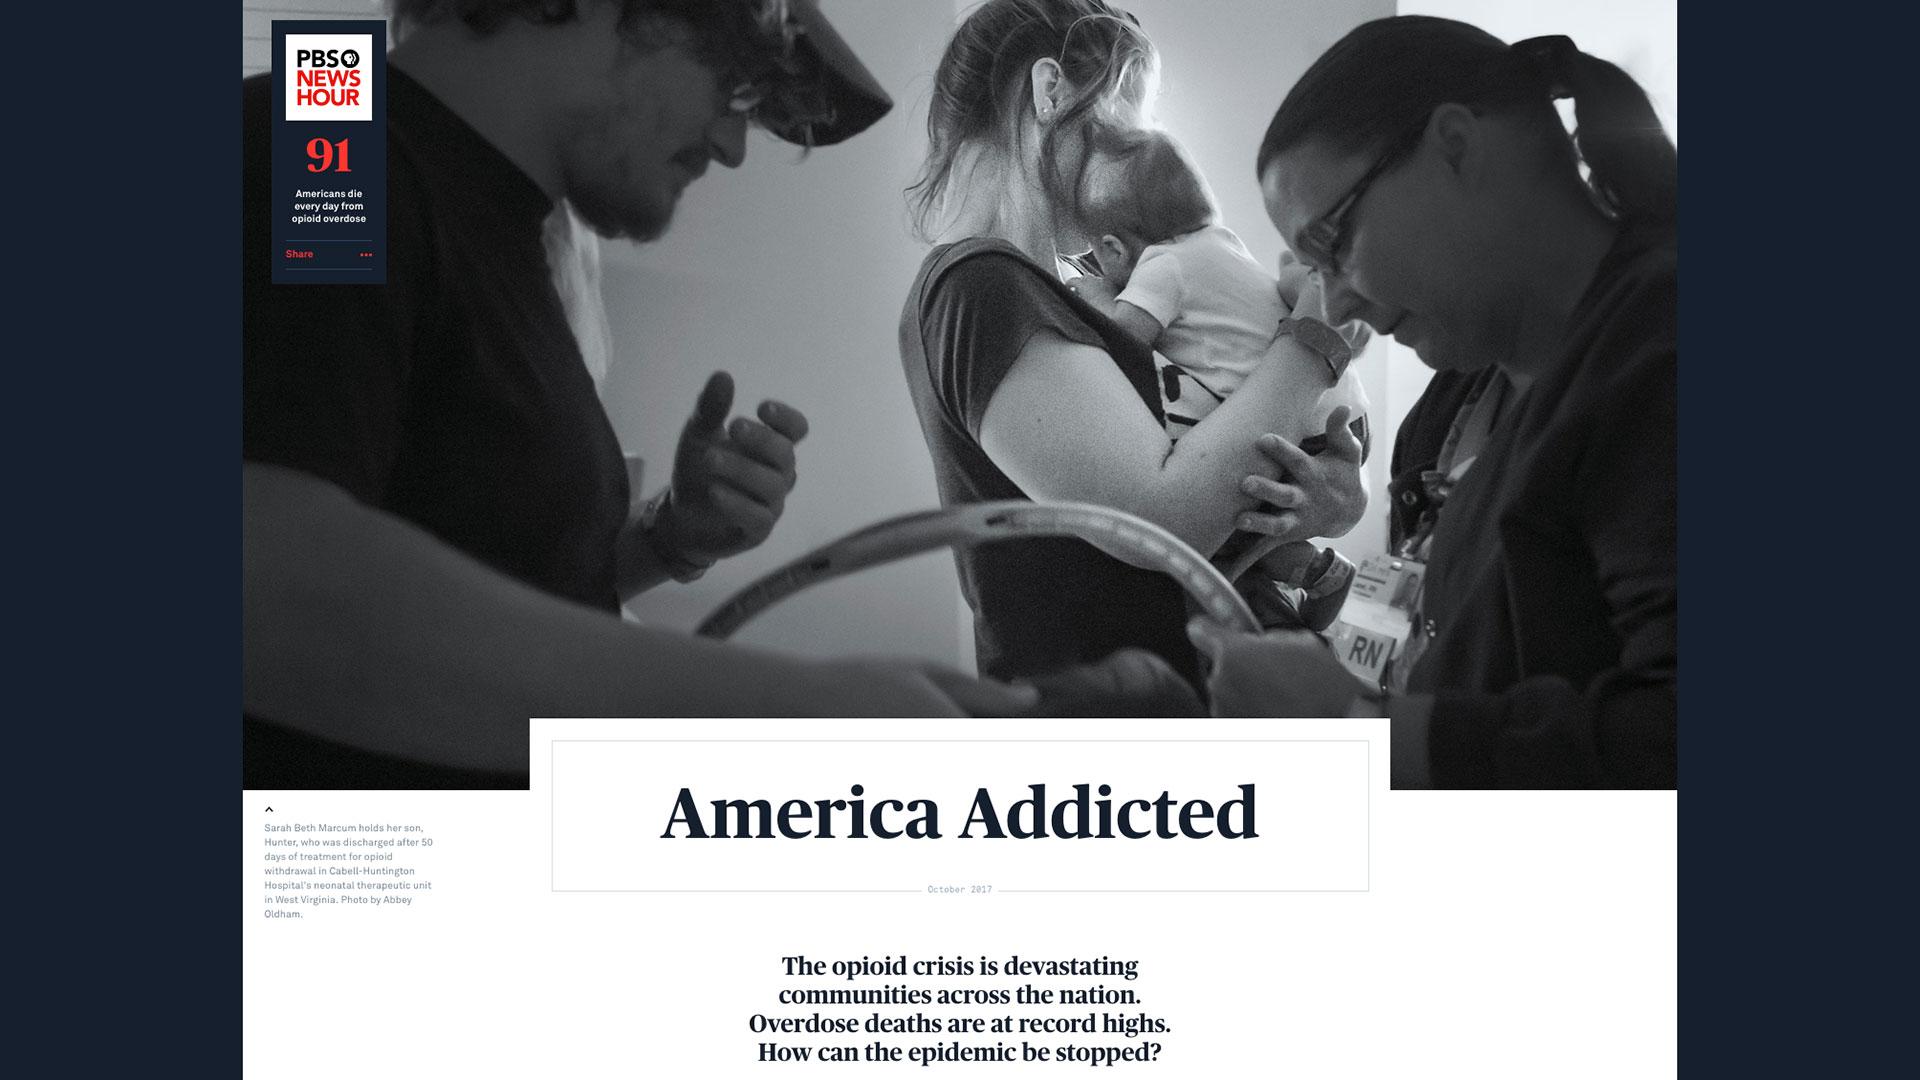 America Addicted on PBS.org